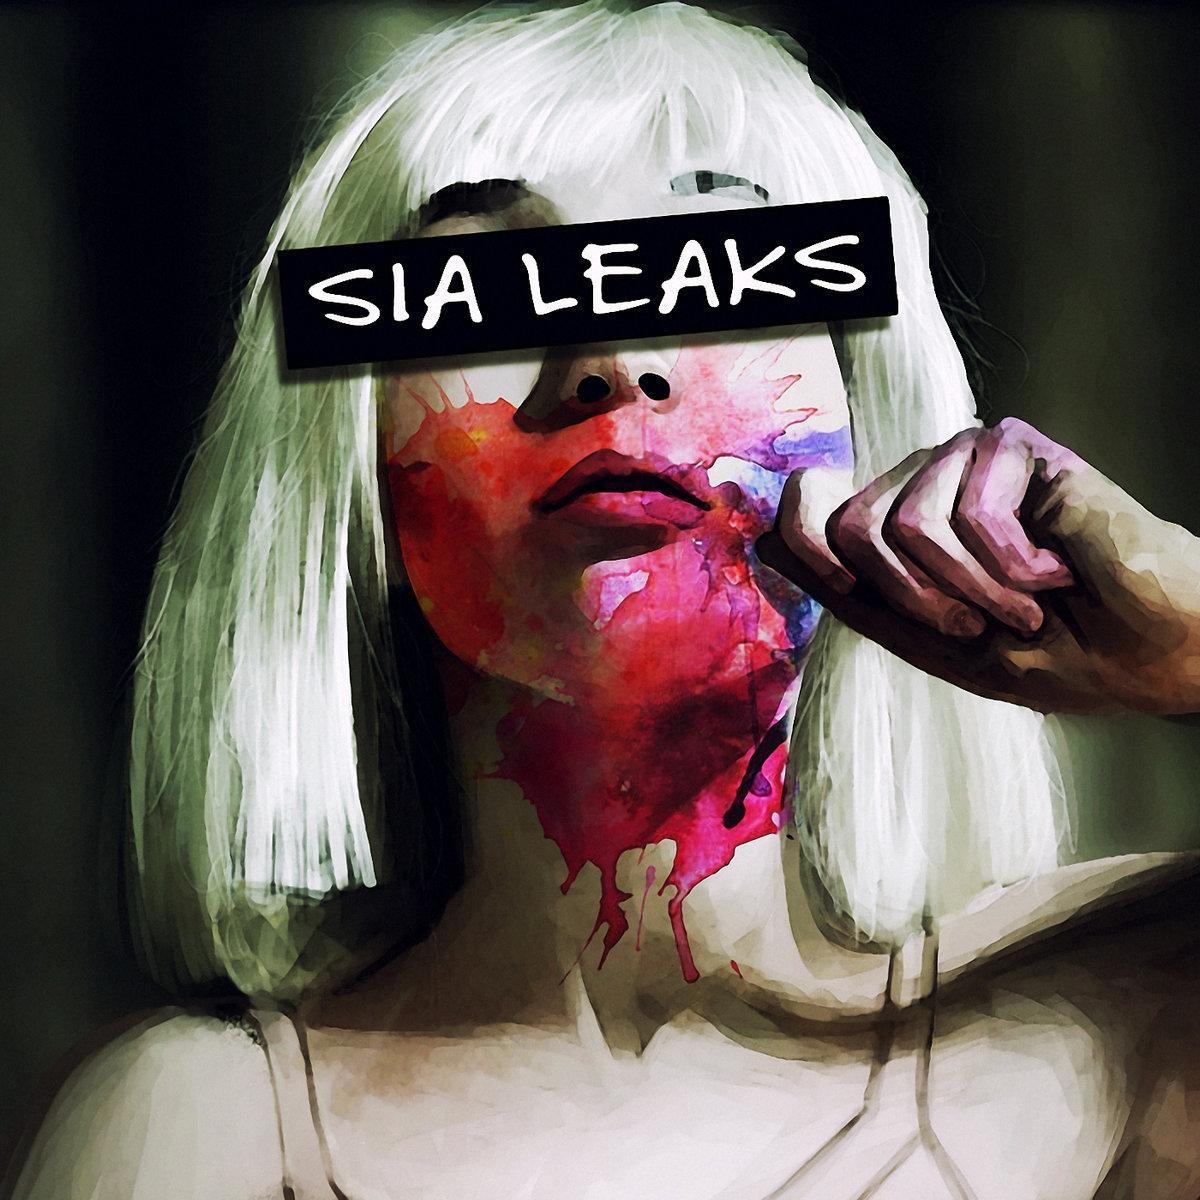 Sia leaked nudes (34 pics)